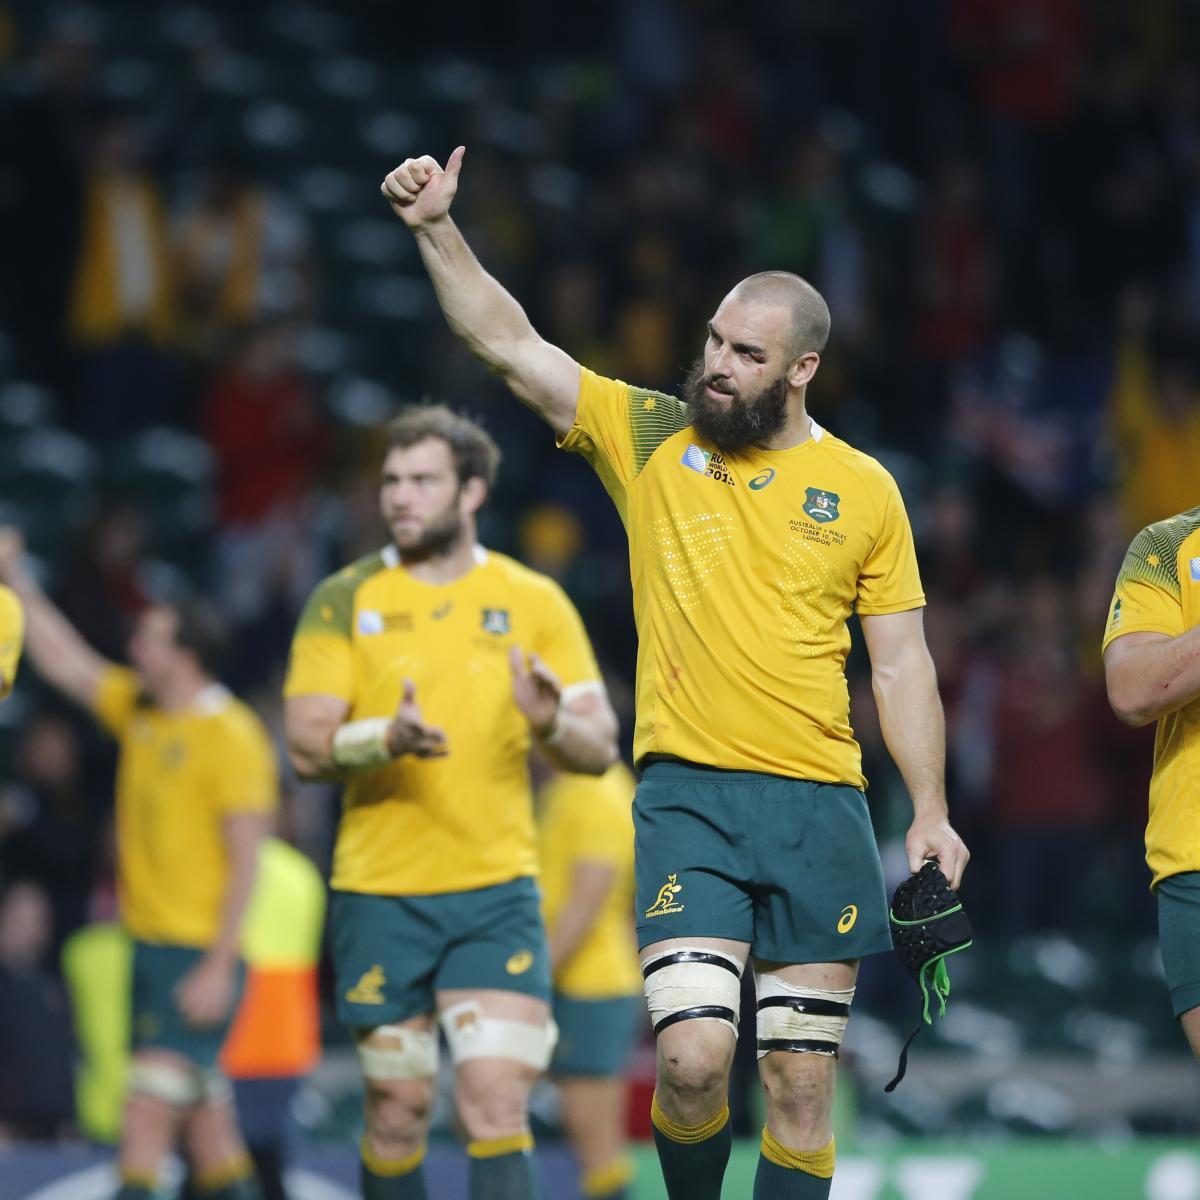 Scotland V Australia World Rugby: Australia V Scotland: Preview, Live Stream, TV Info For